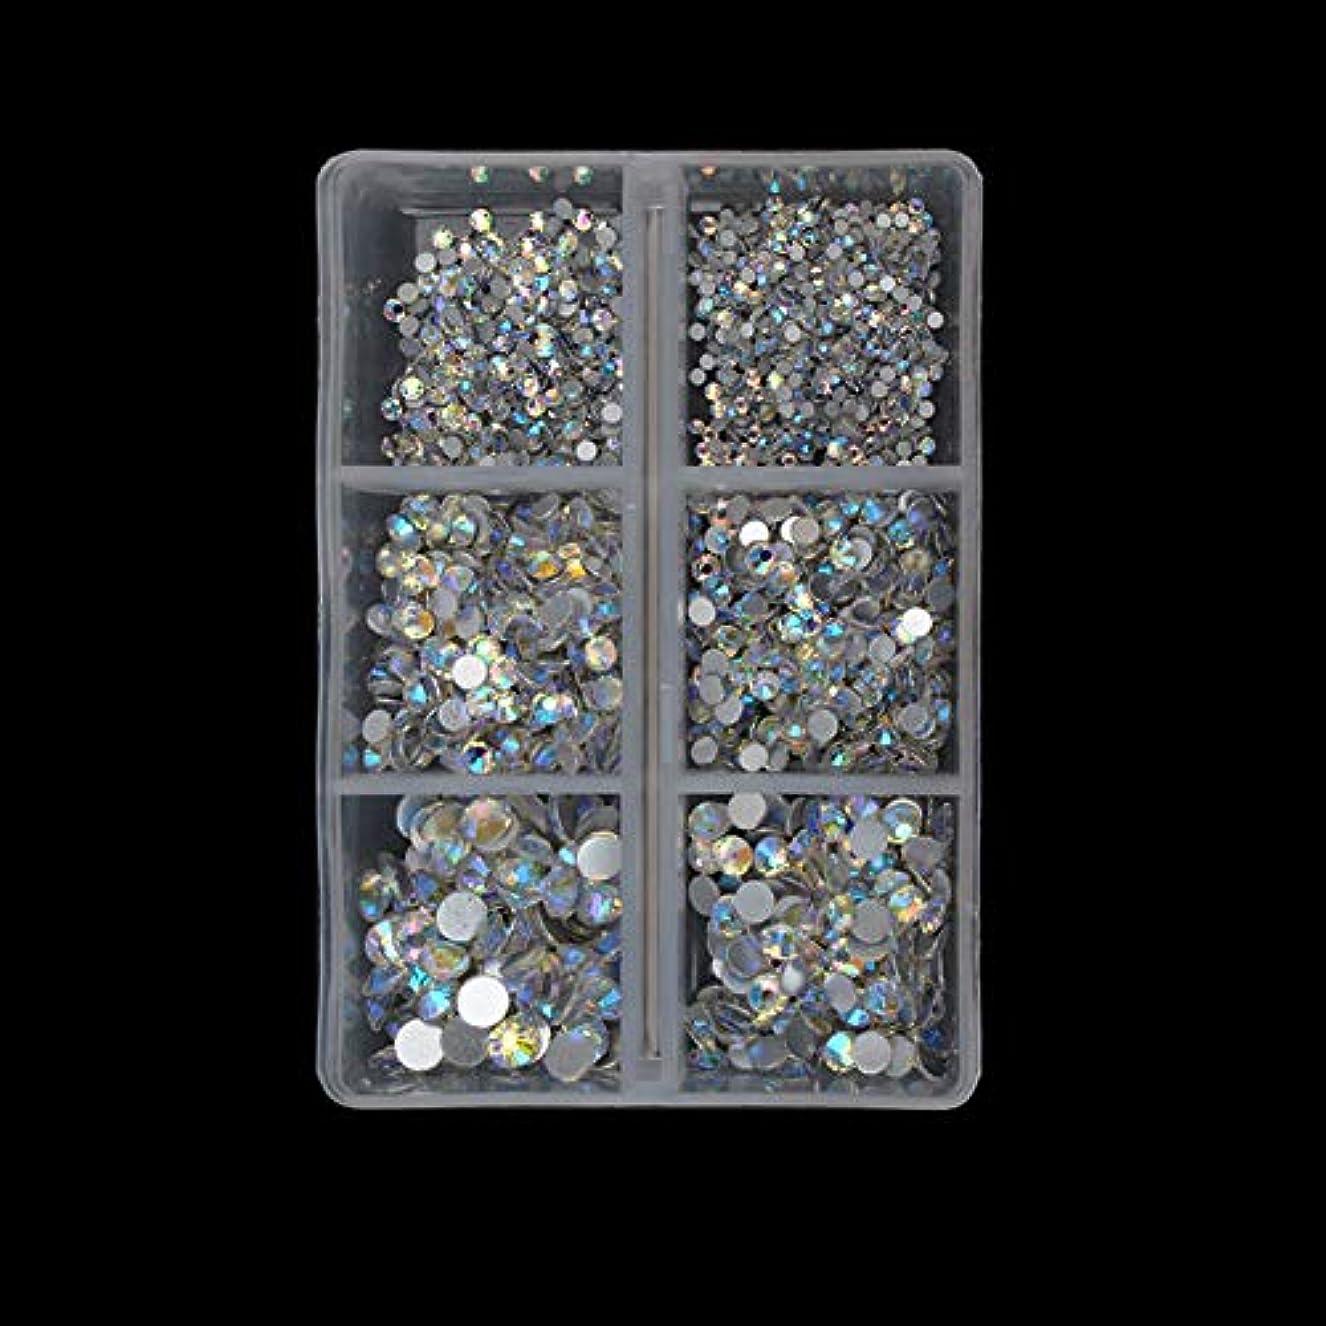 マエストロ引き金津波ACHICOO ネイルラインストーン UVネイルポリッシュ ネイルジュエリー用 6グリッド/セット キラキラ ガラス 可愛い 手作りネイル   14箱入り